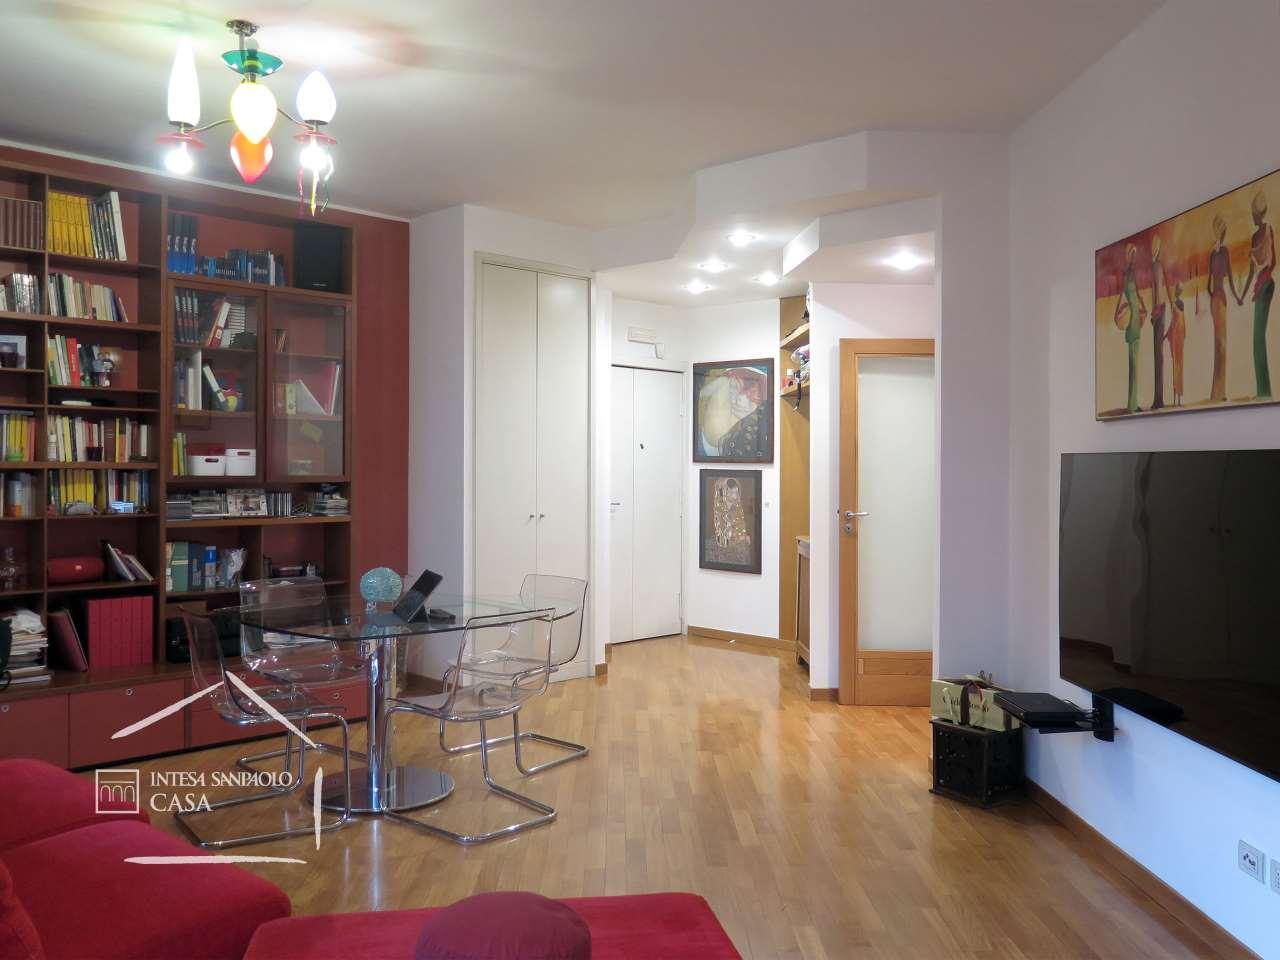 Appartamento in Vendita a Napoli: 4 locali, 121 mq - Foto 4